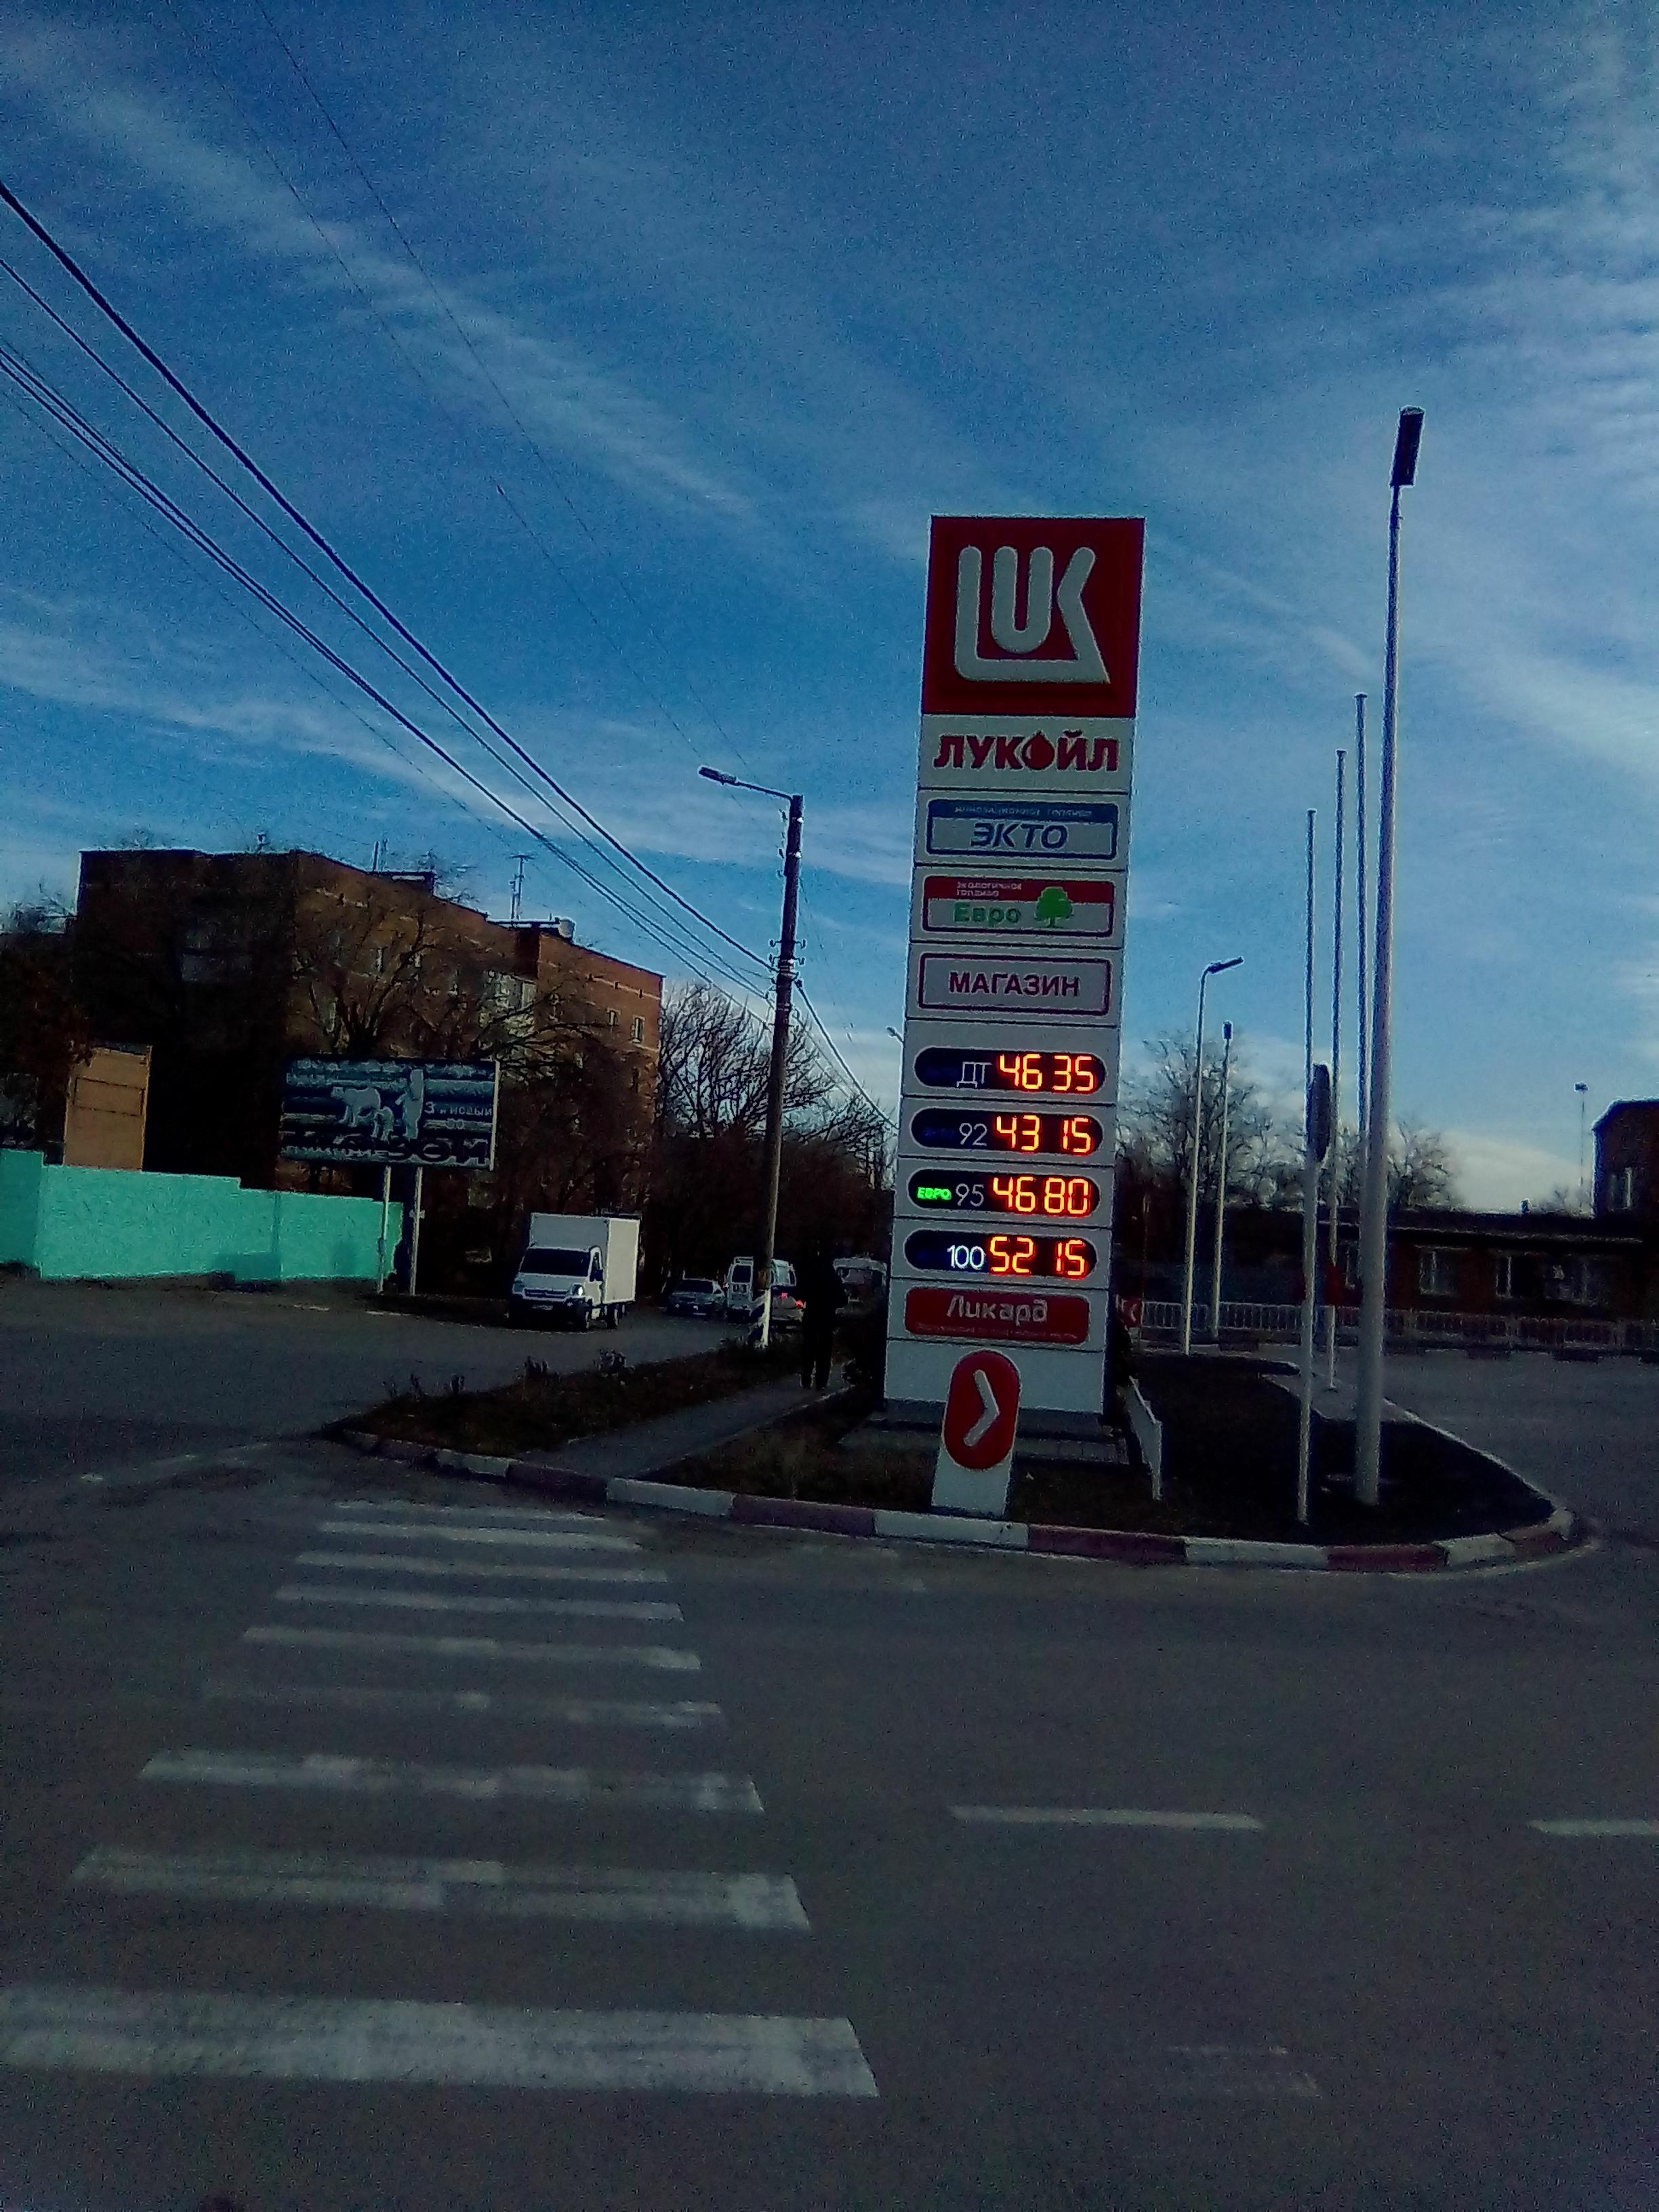 Автозаправка Лукойл в Таганроге